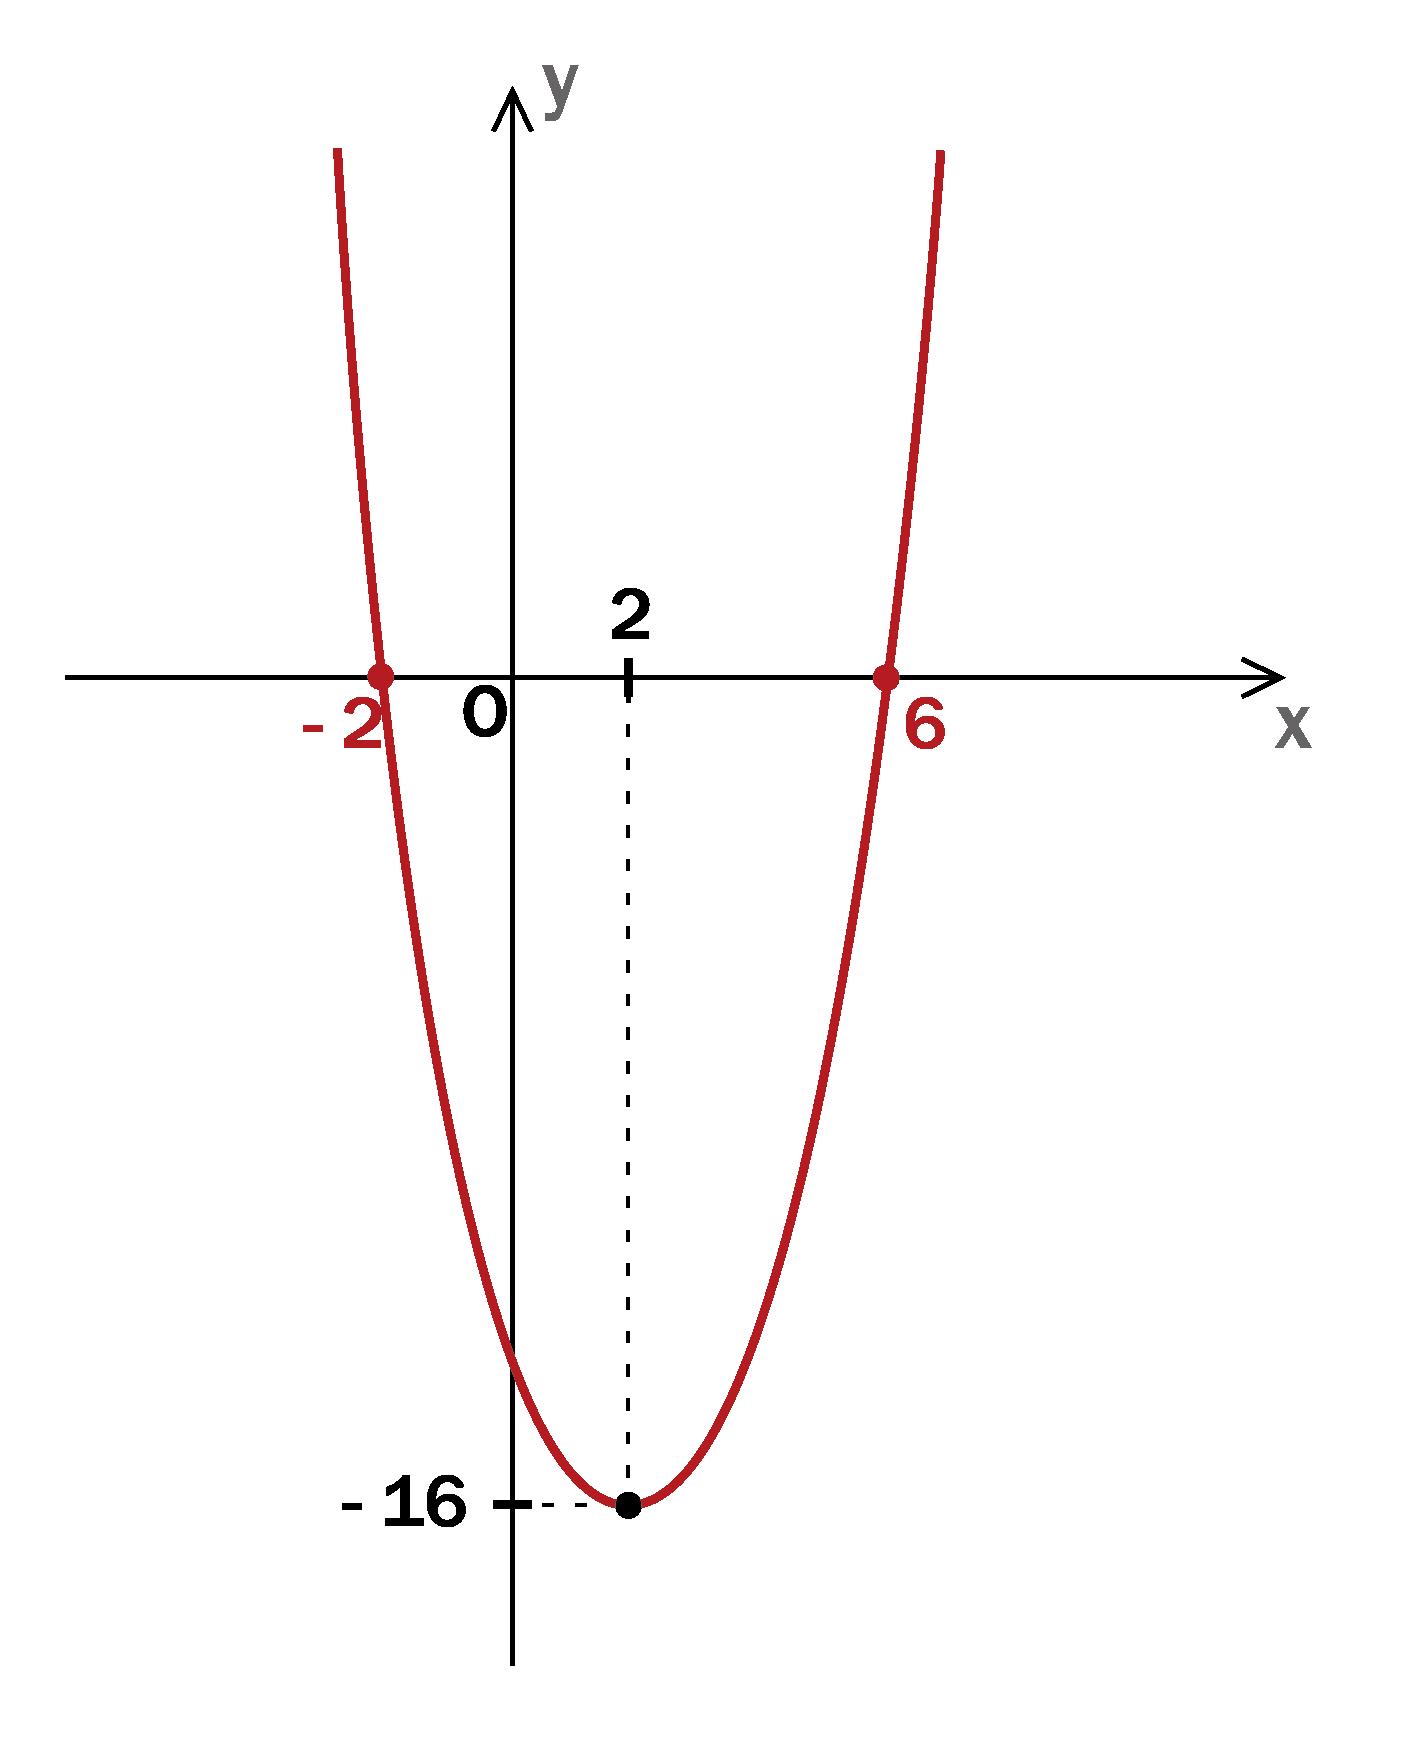 二次関数グラフの書き方&頂点を一発で求める方法とは?|高校生向け受験応援メディア「受験のミカタ」